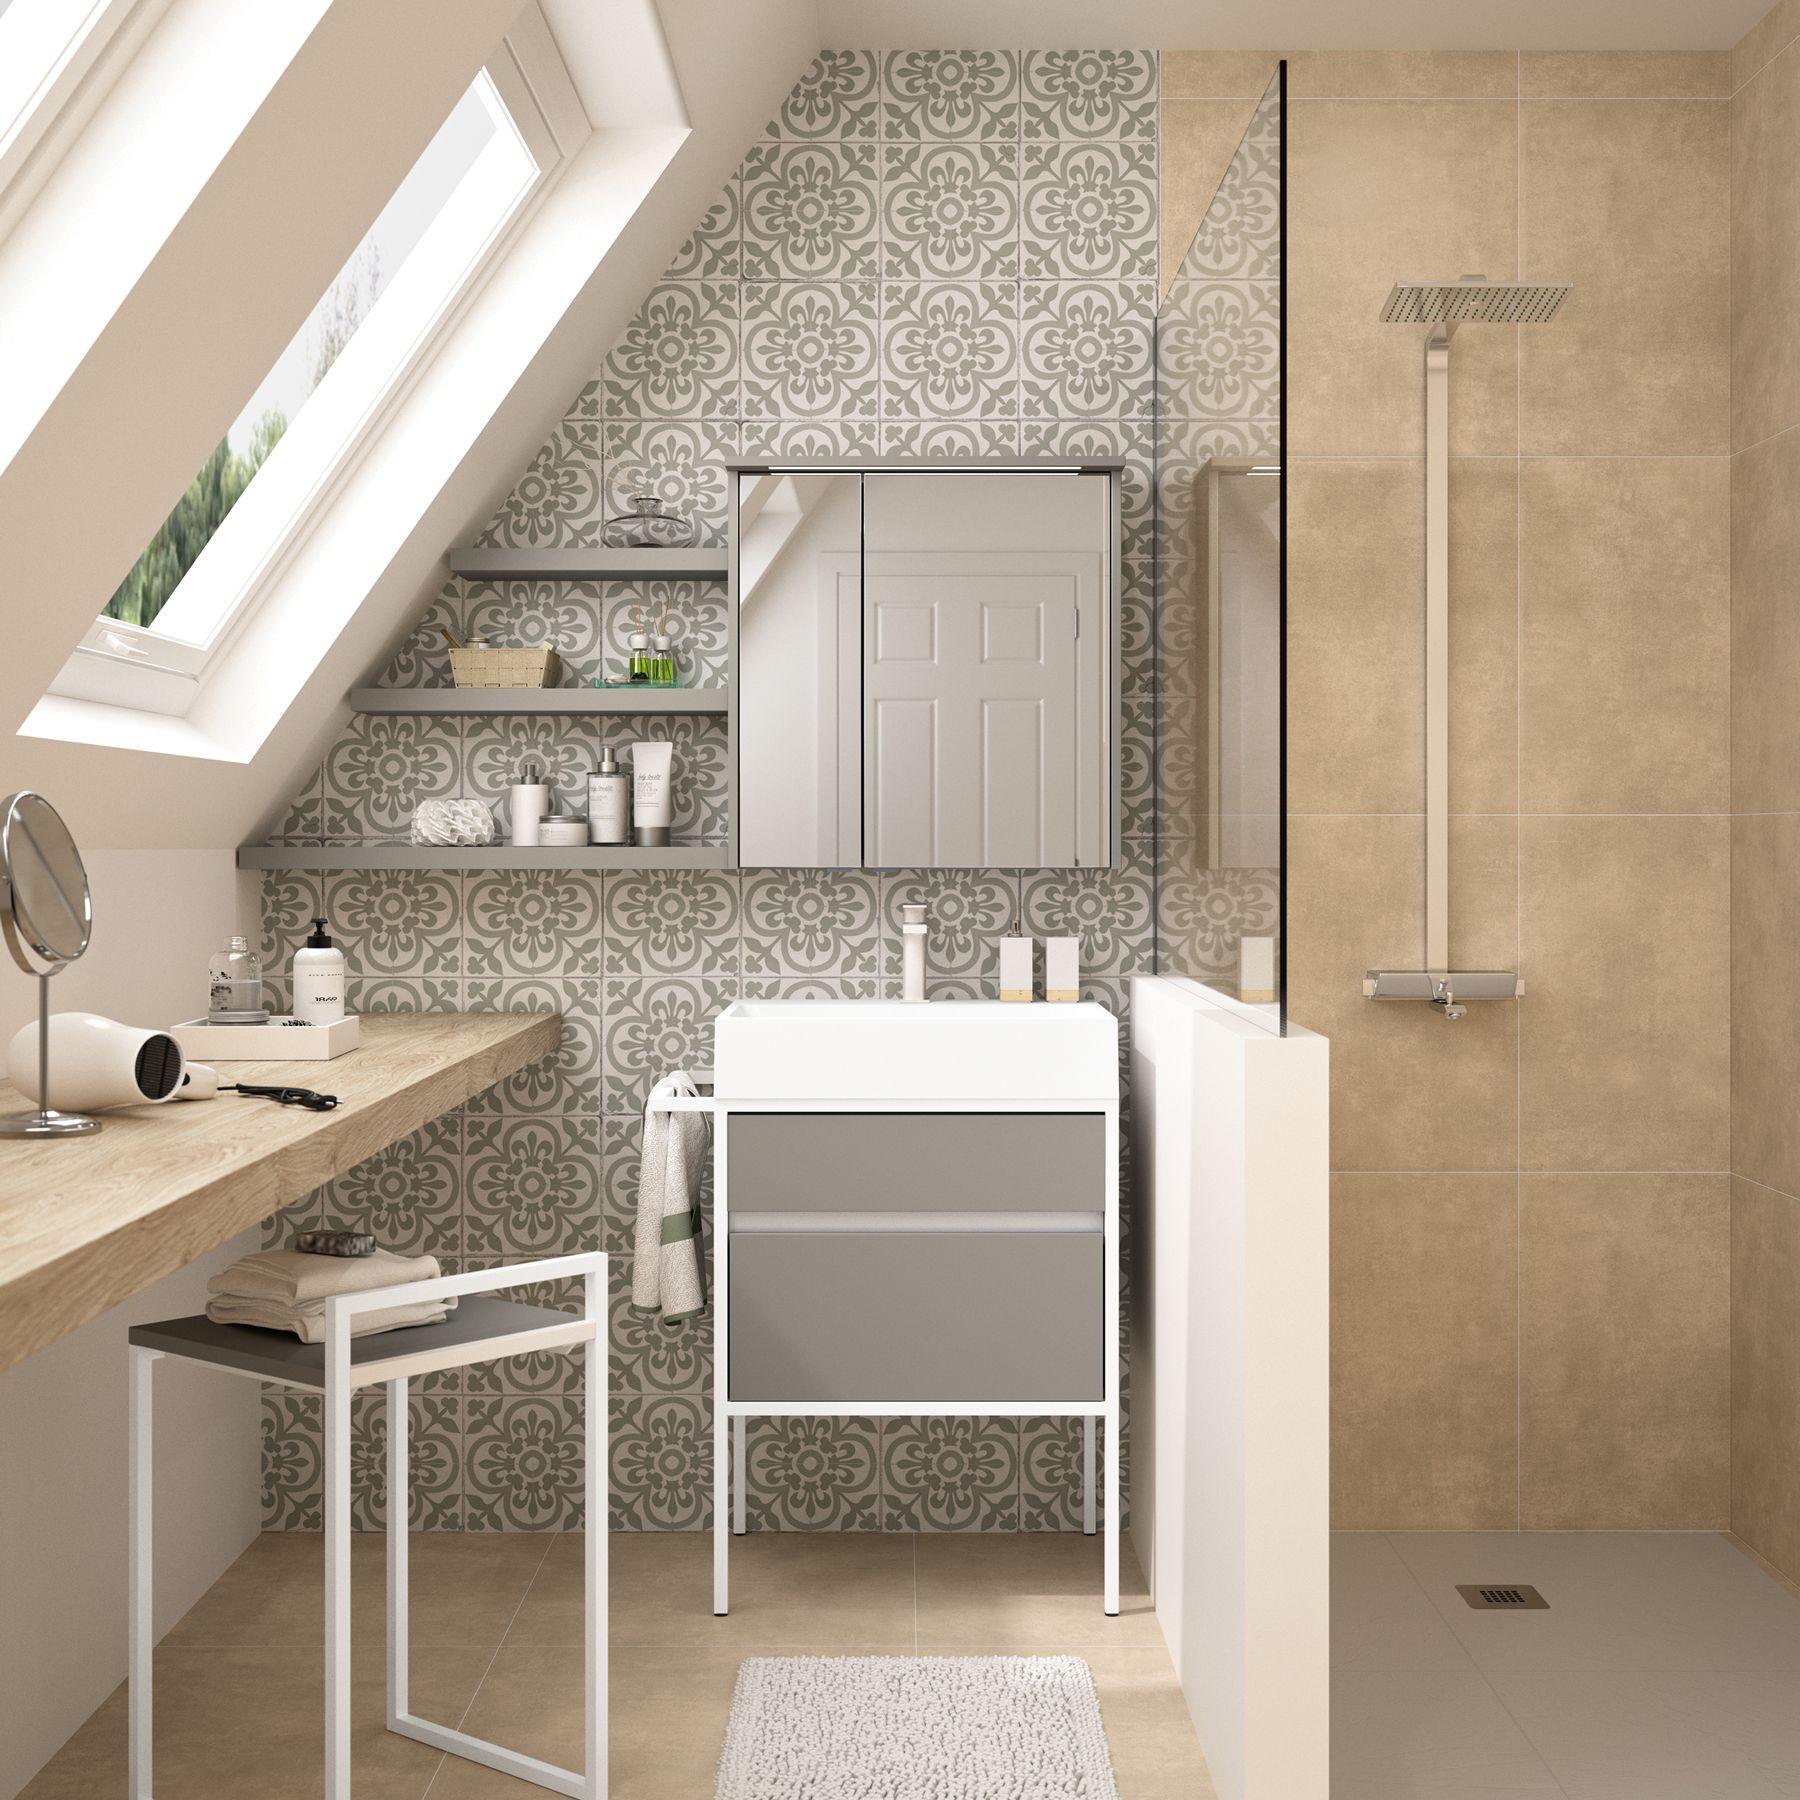 Newport meubles de salle de bains baignoires fabricant - Fabricant meuble de salle de bain ...